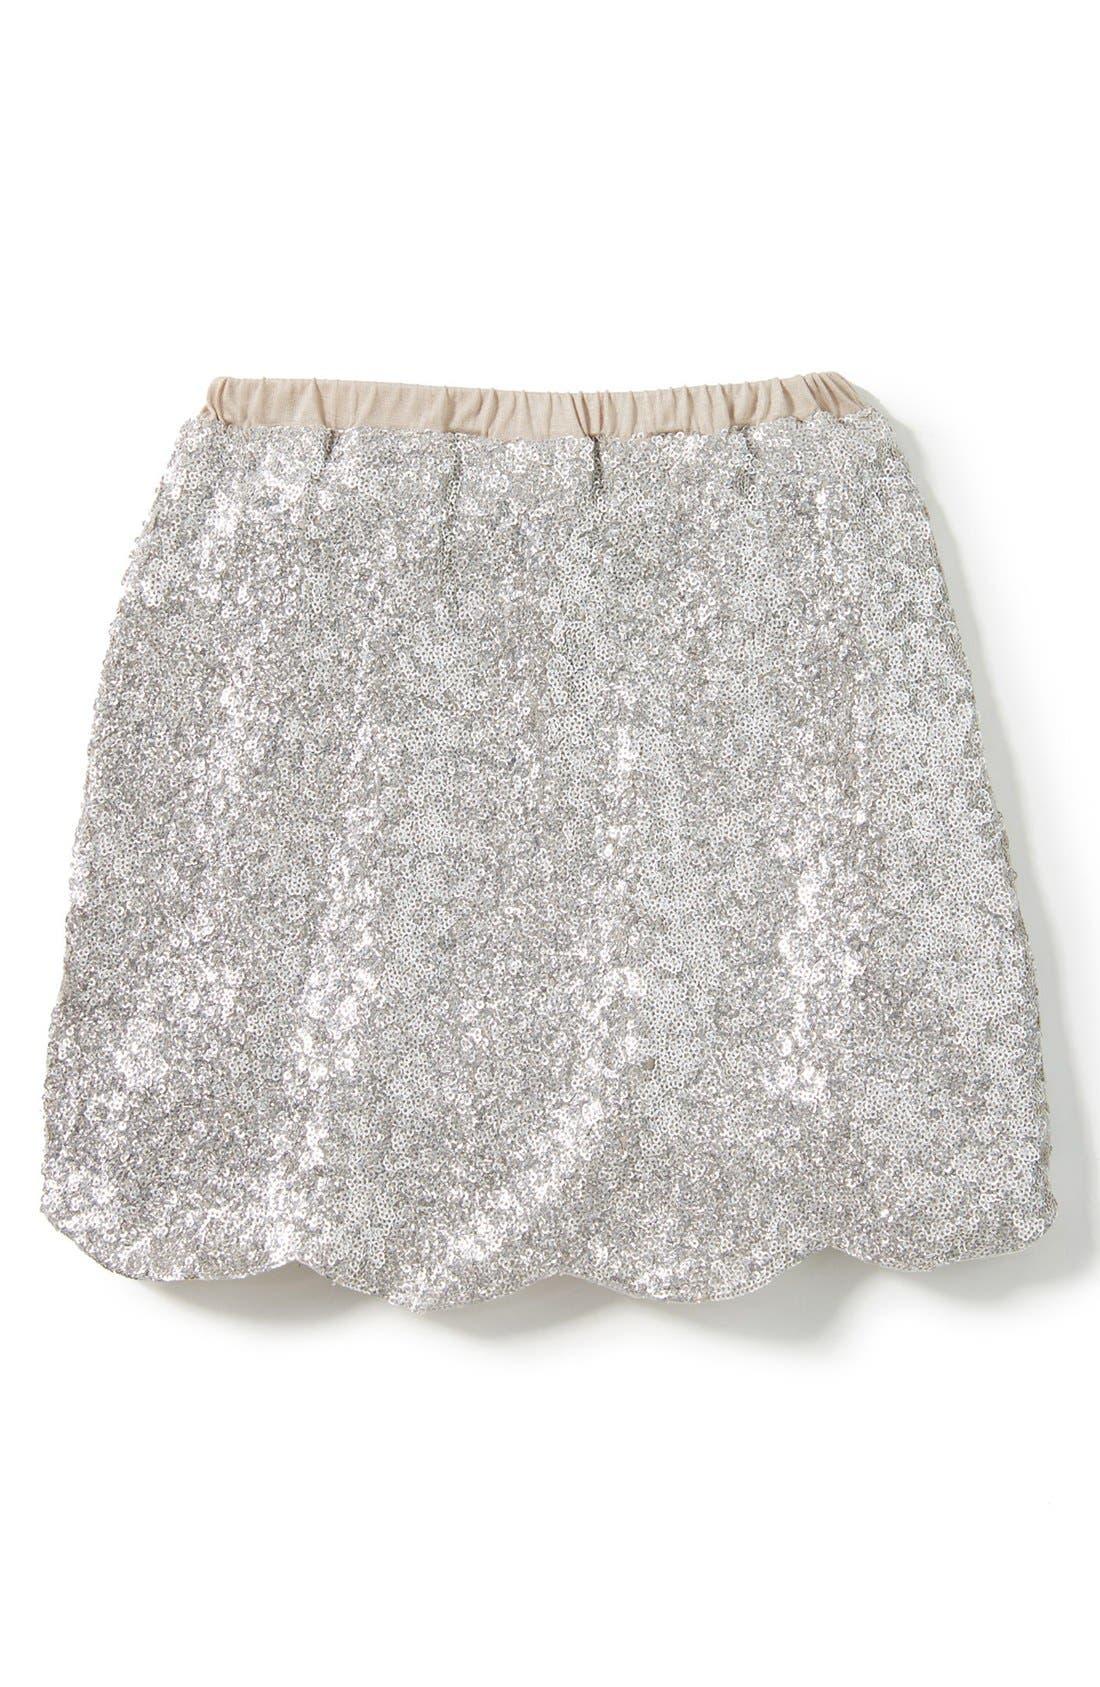 Alternate Image 1 Selected - Peek Drew Sequin Skirt (Little Girls & Big Girls)